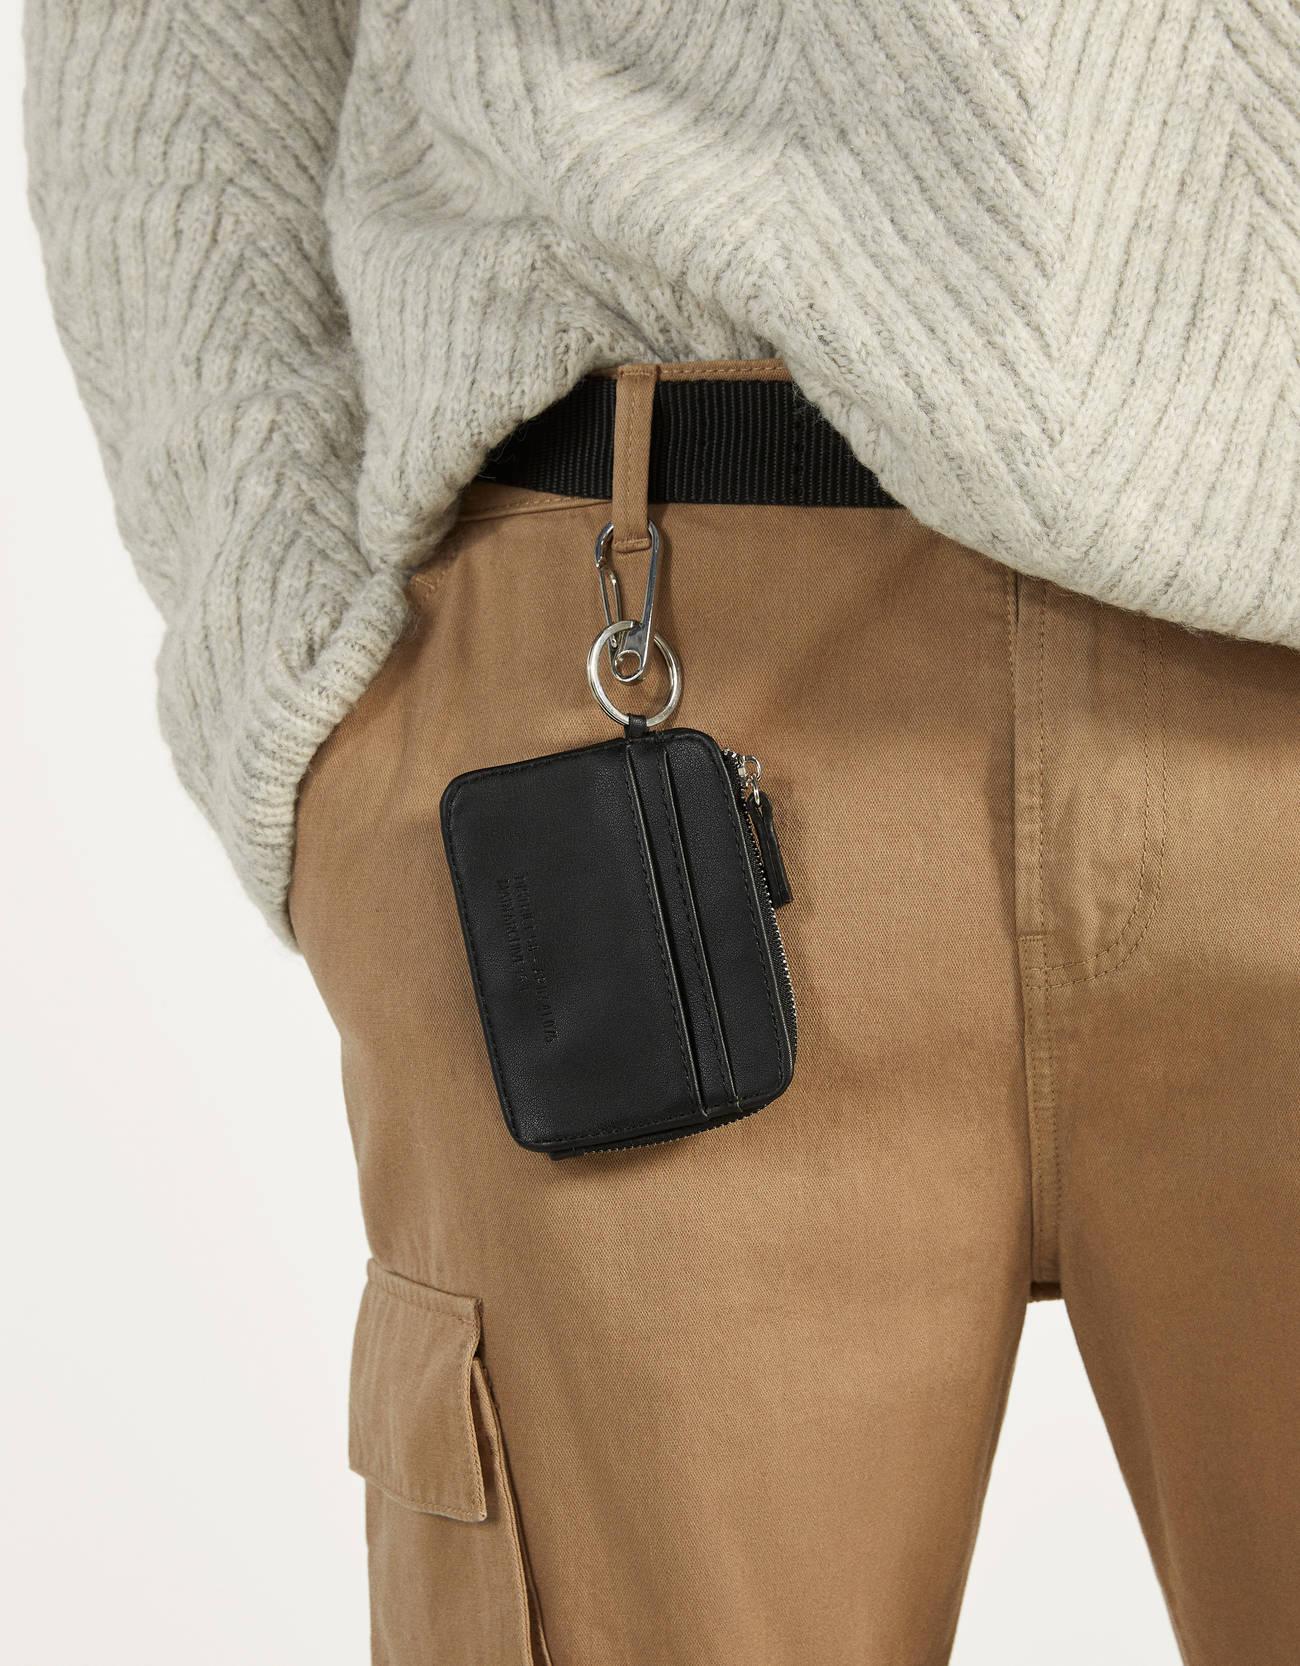 wearable wallet